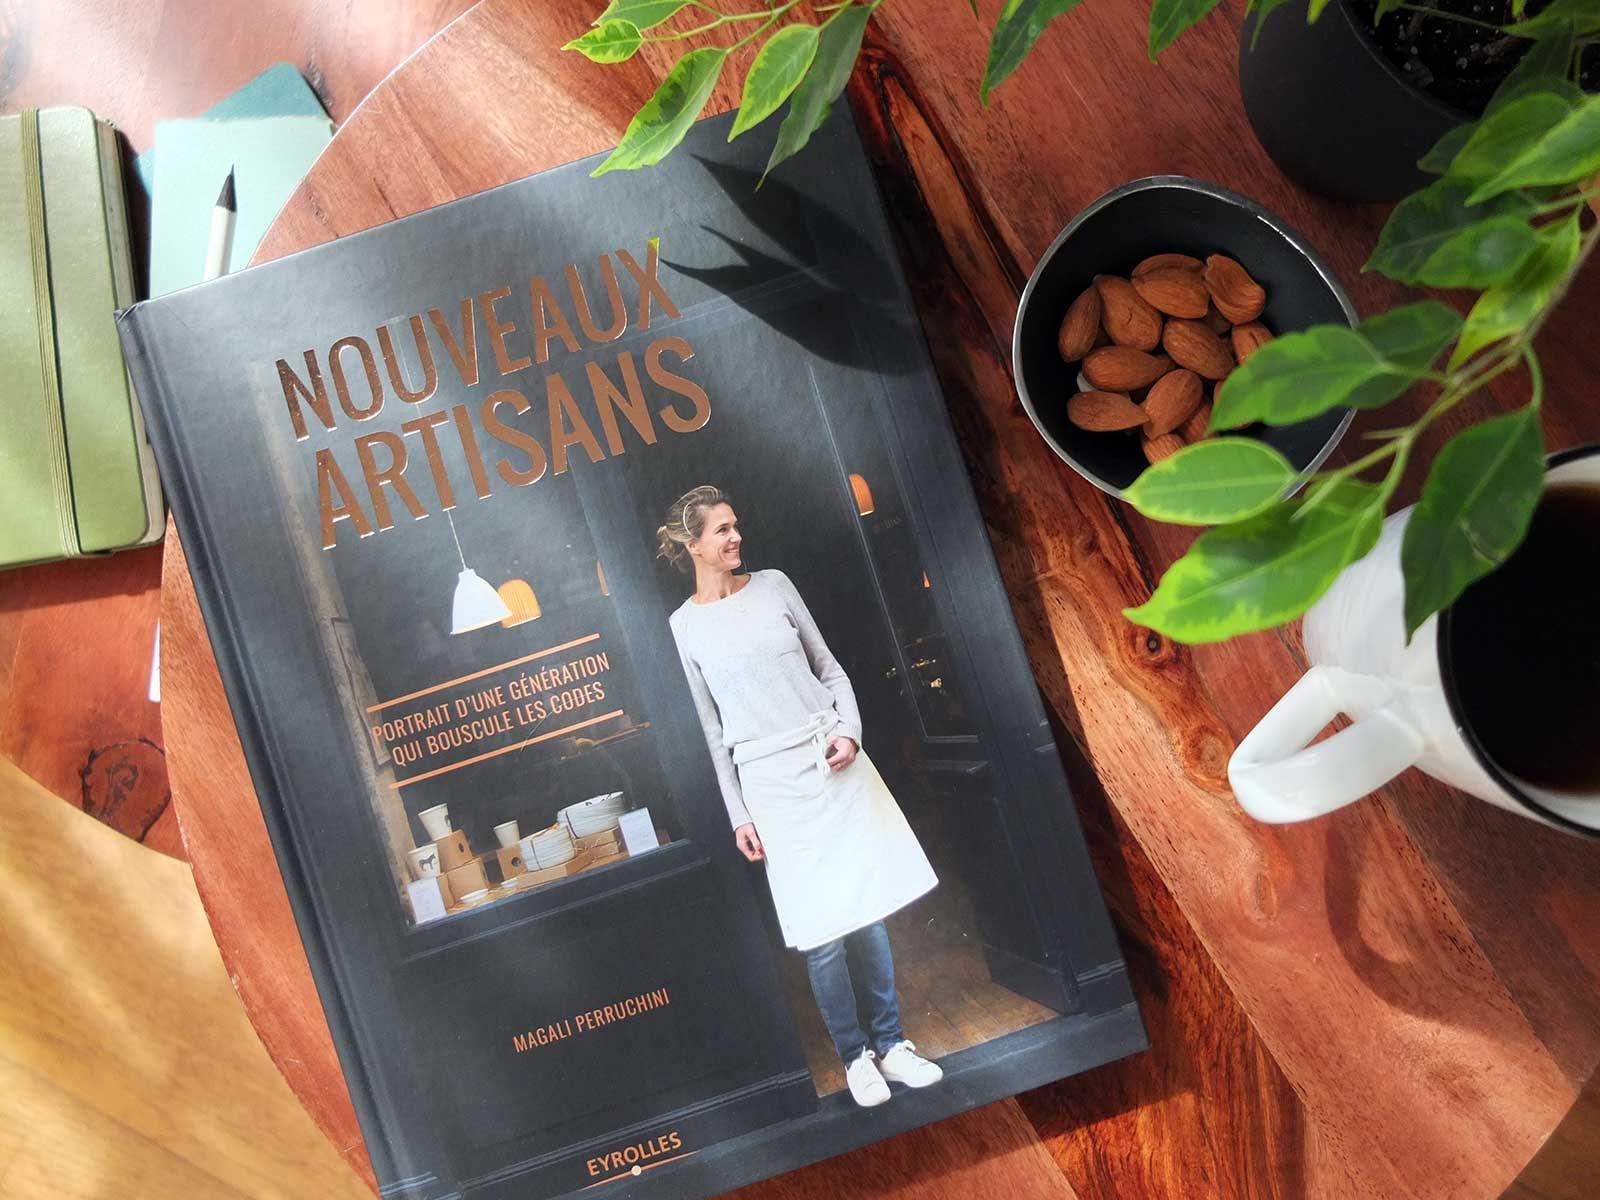 Misc Webzine_Nouveaux artisans-Eyrolles